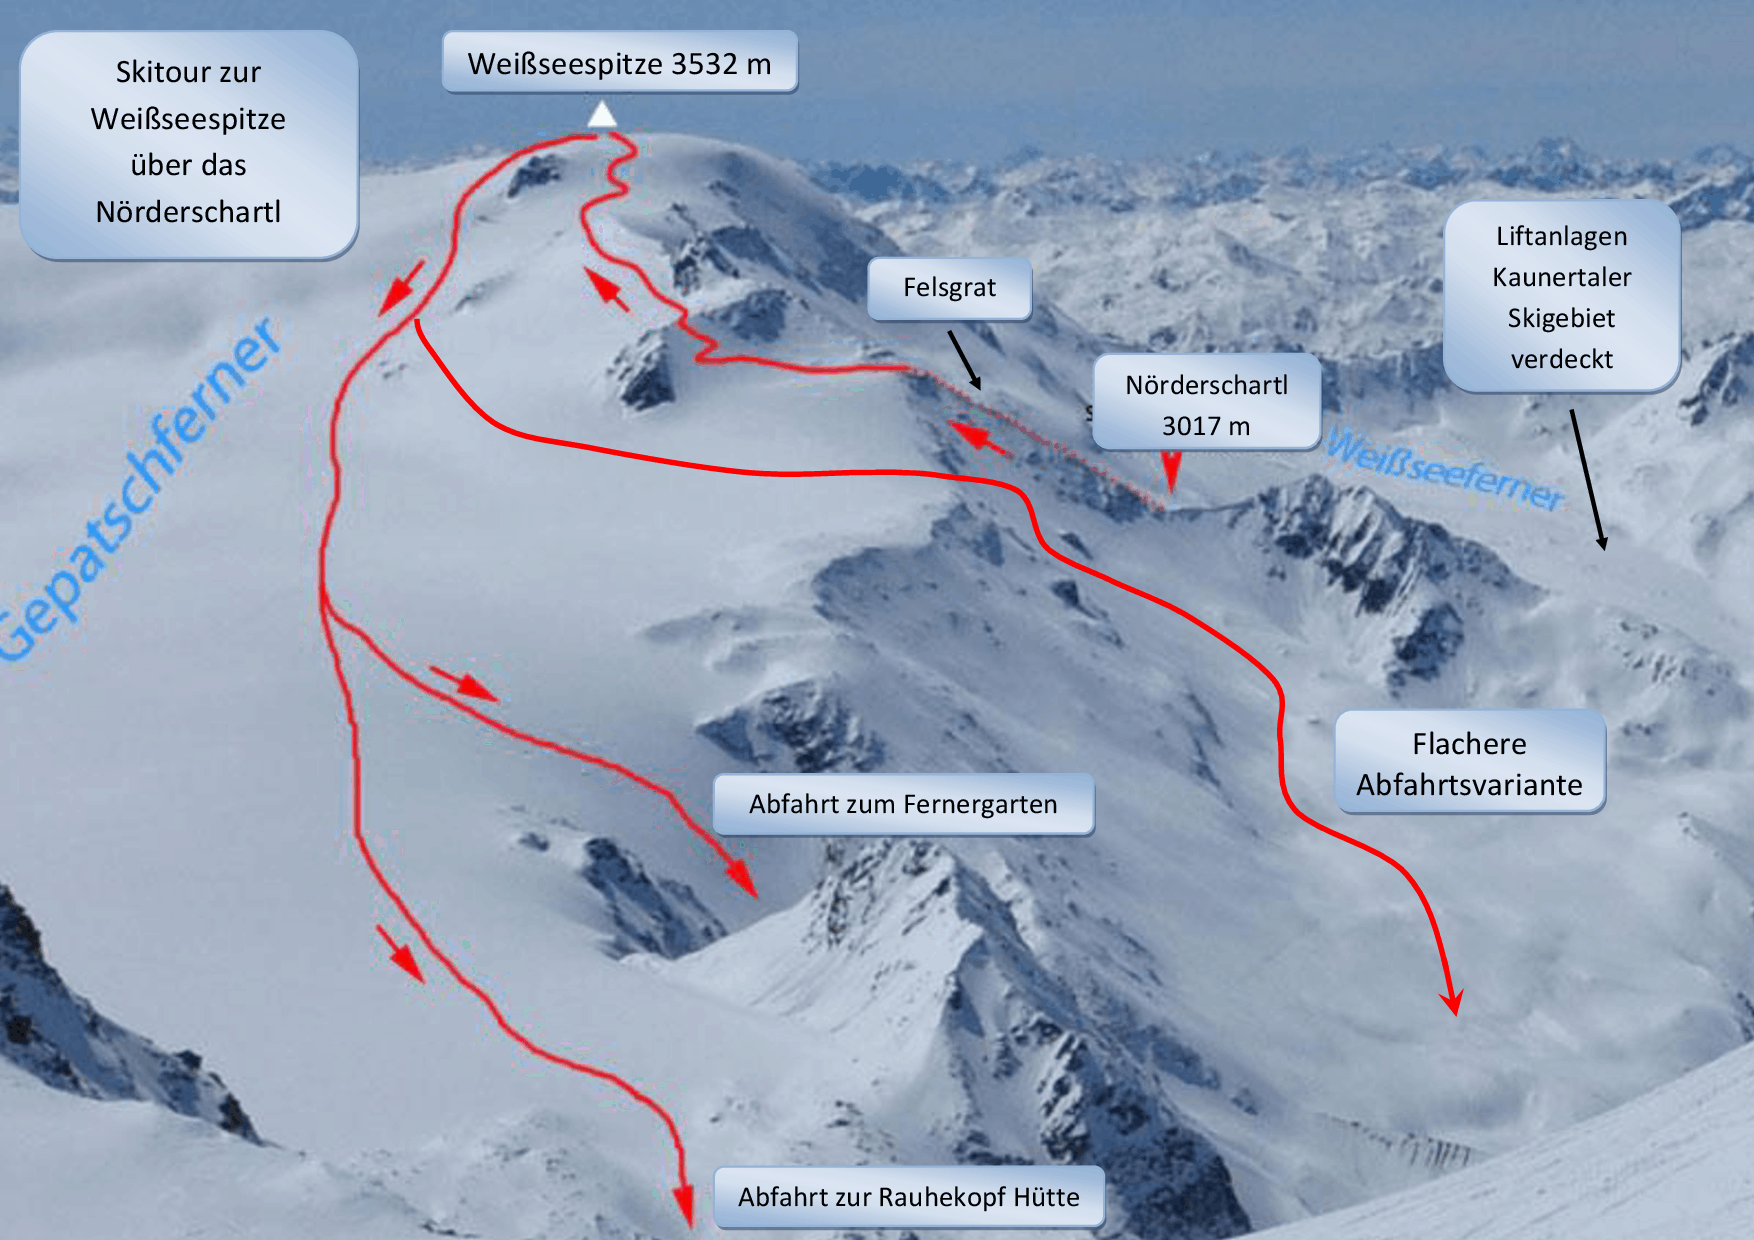 Skitour auf die Weißseespitze im Kaunertal